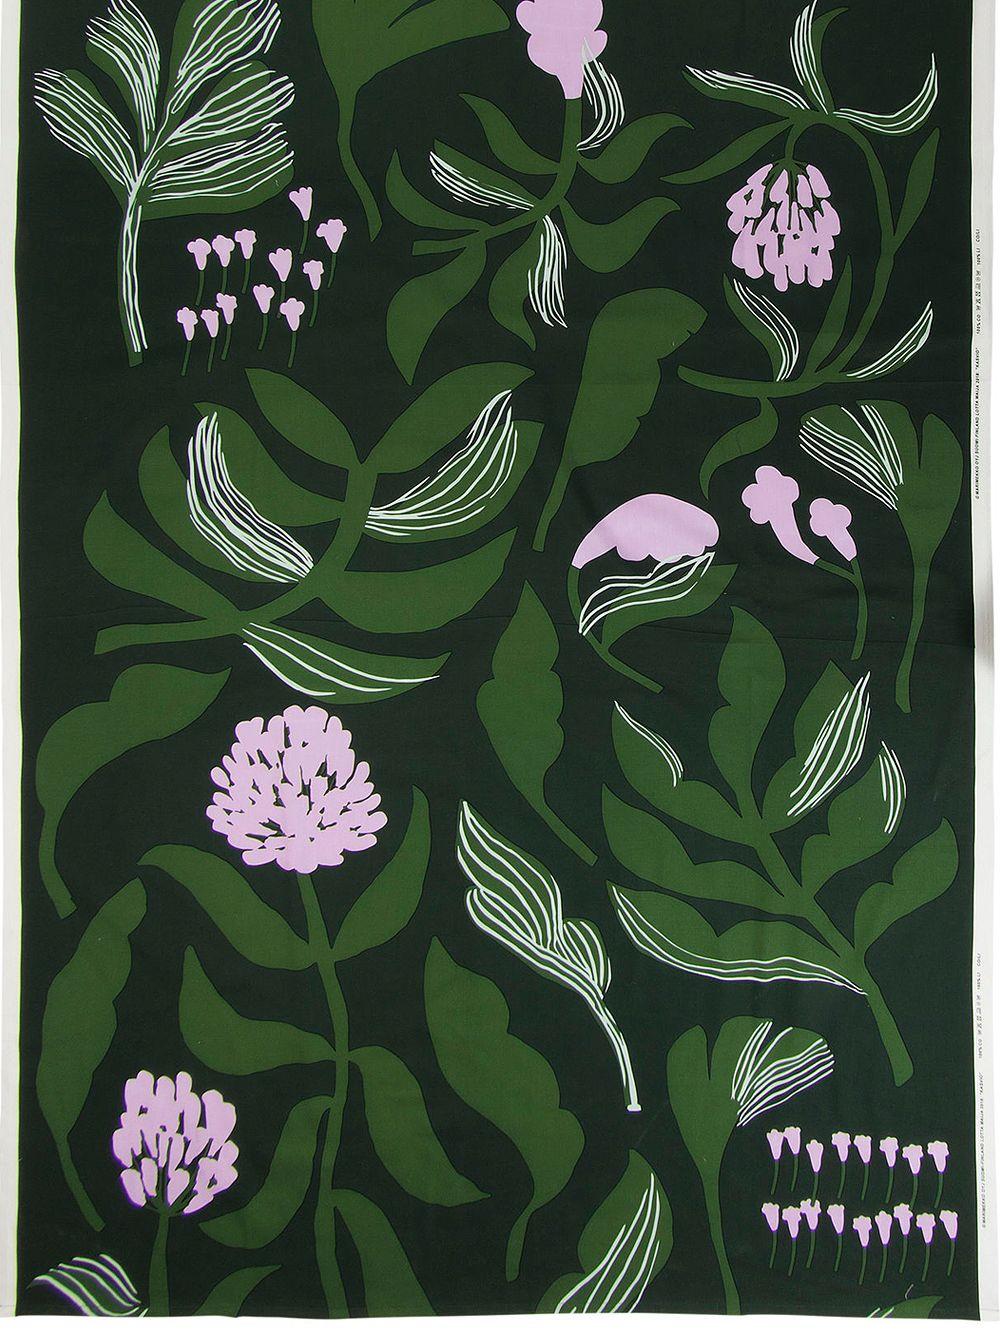 Marimekko's Kasvio tablecloth